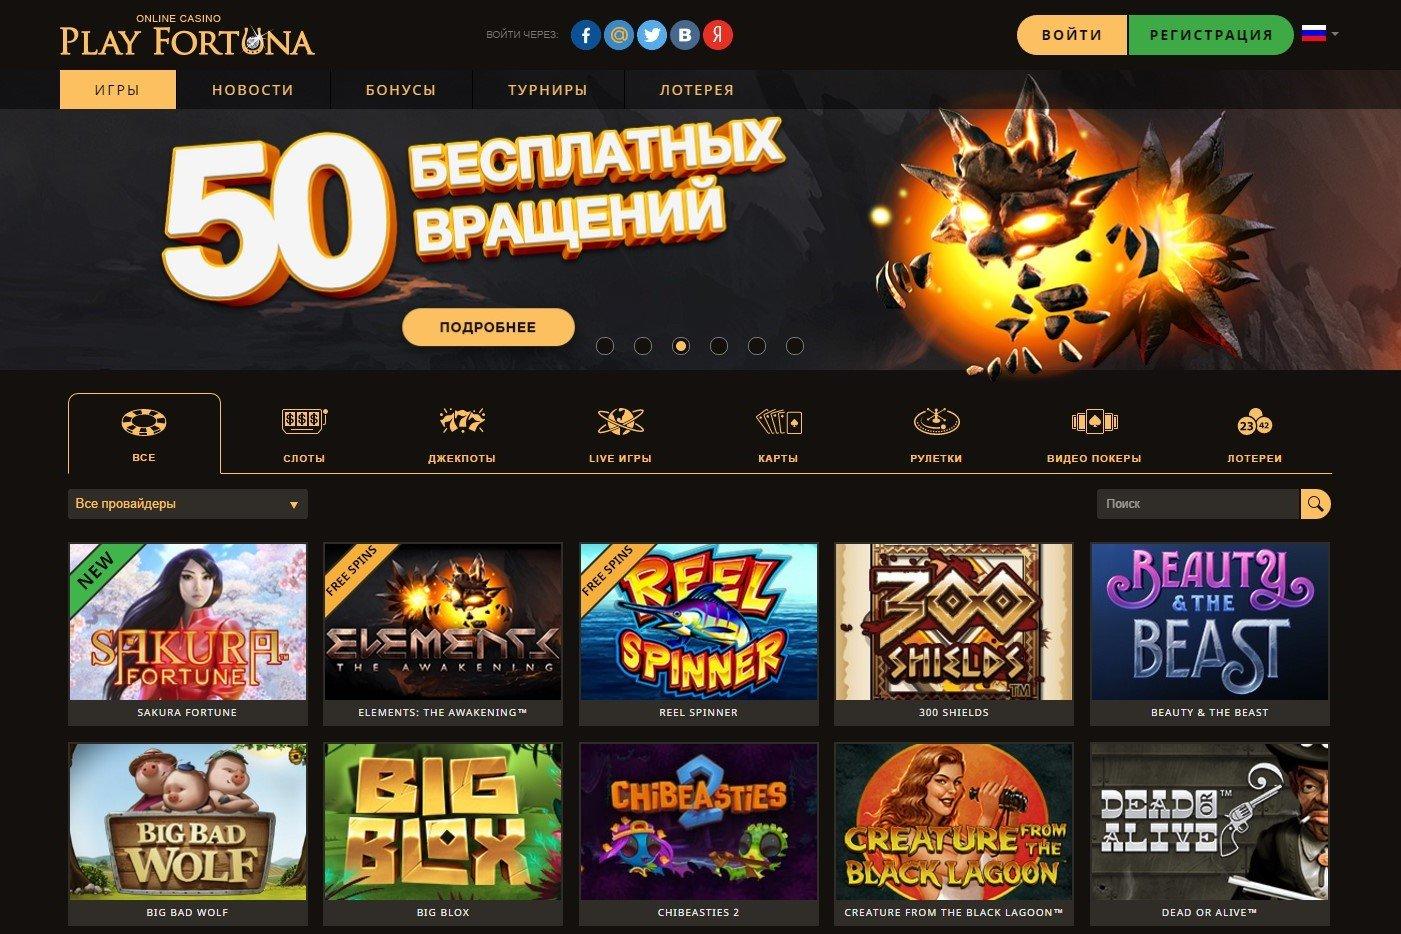 фото Онлайн play официальное казино fortuna играть